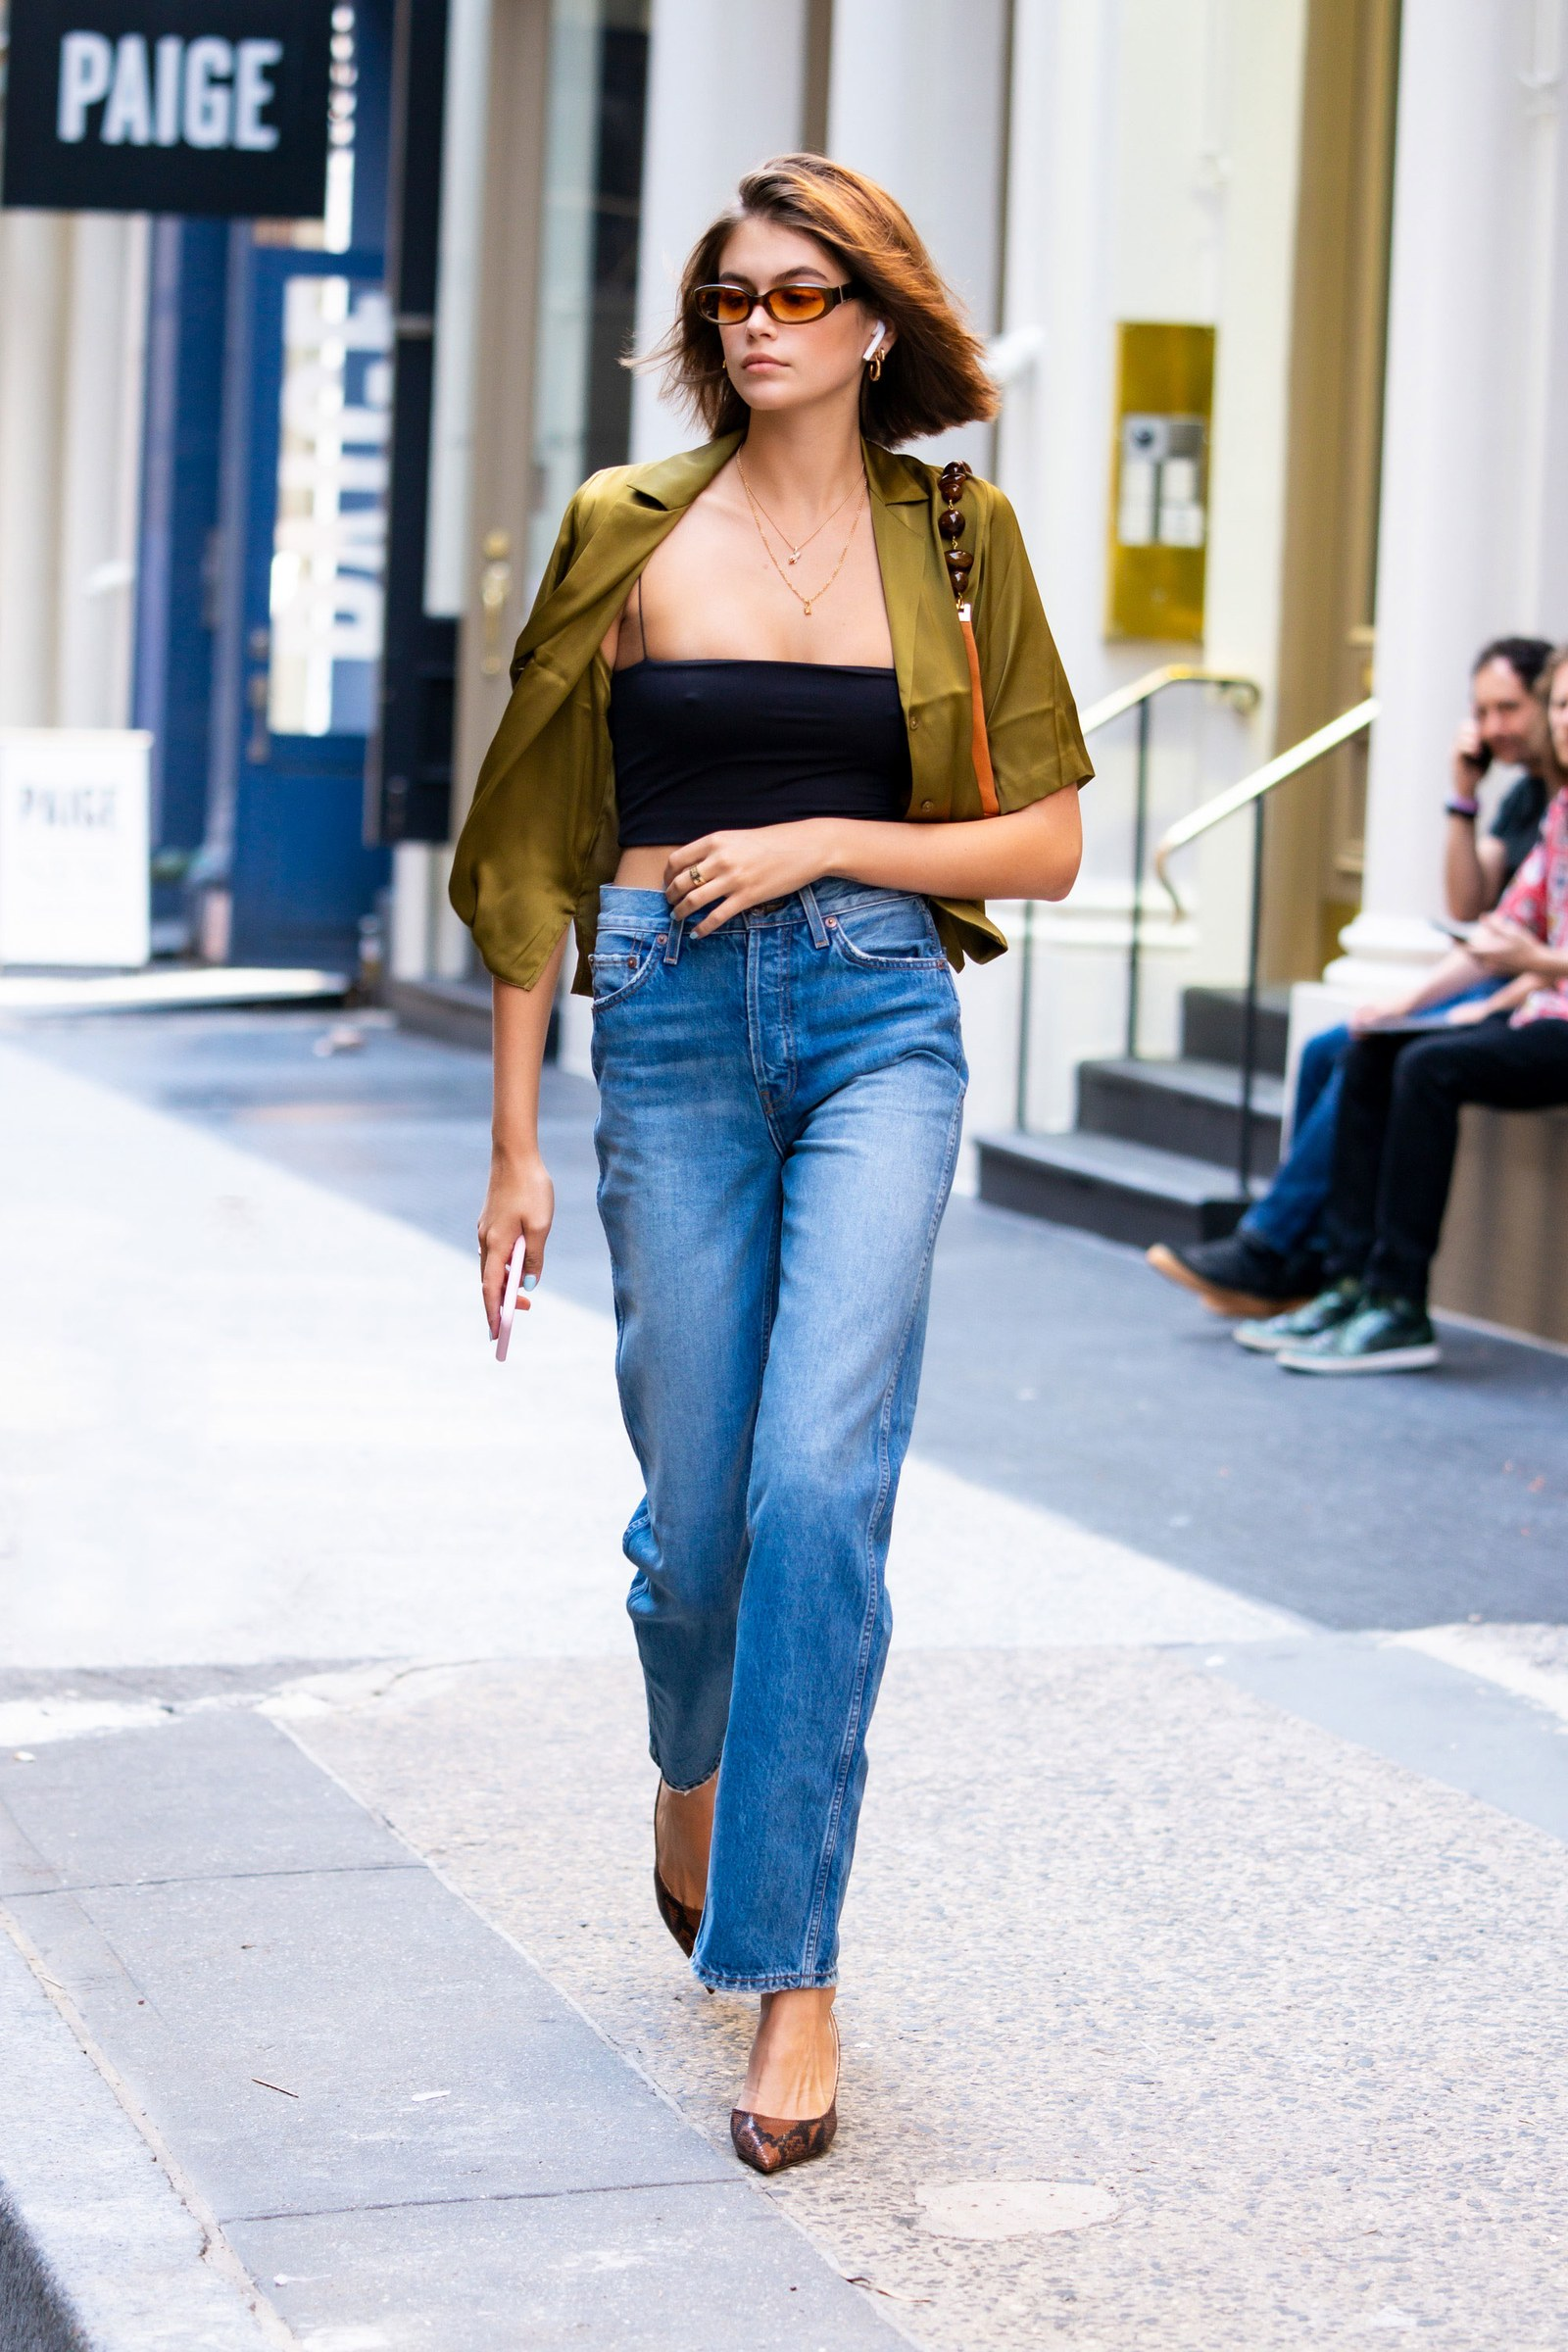 凯雅·杰柏18岁了 街头时尚瞬间闪亮登场